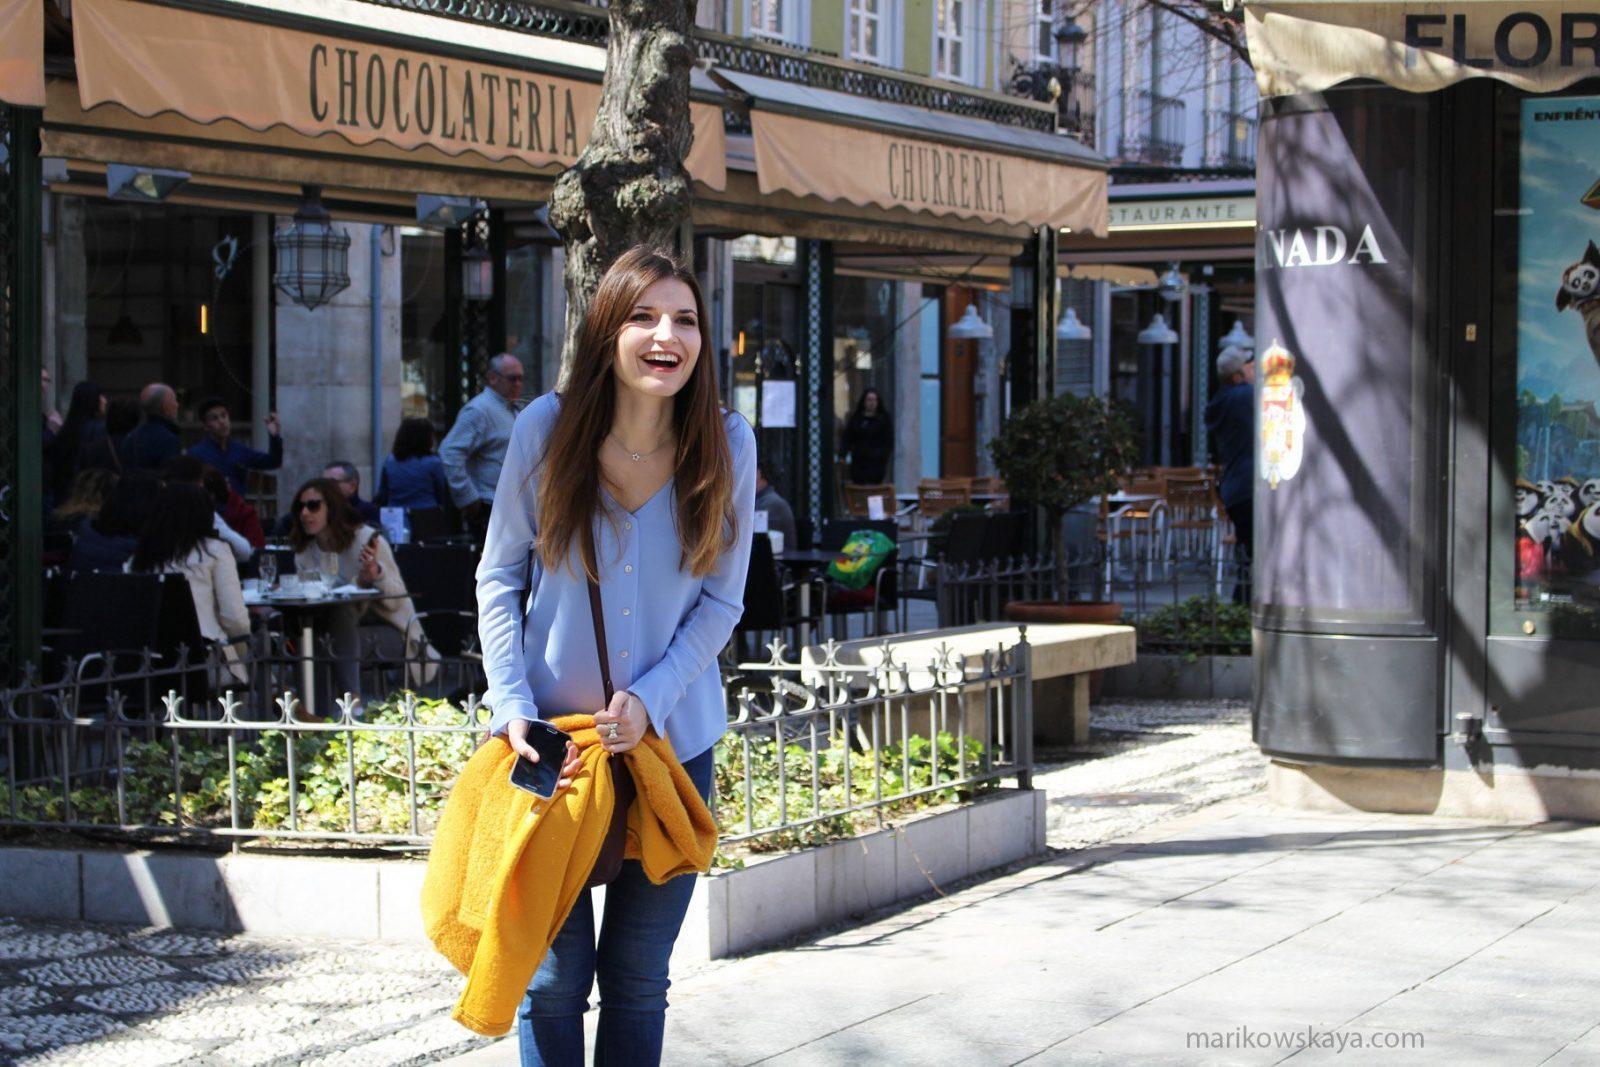 marikowskaya street style andrea biombo 13 4